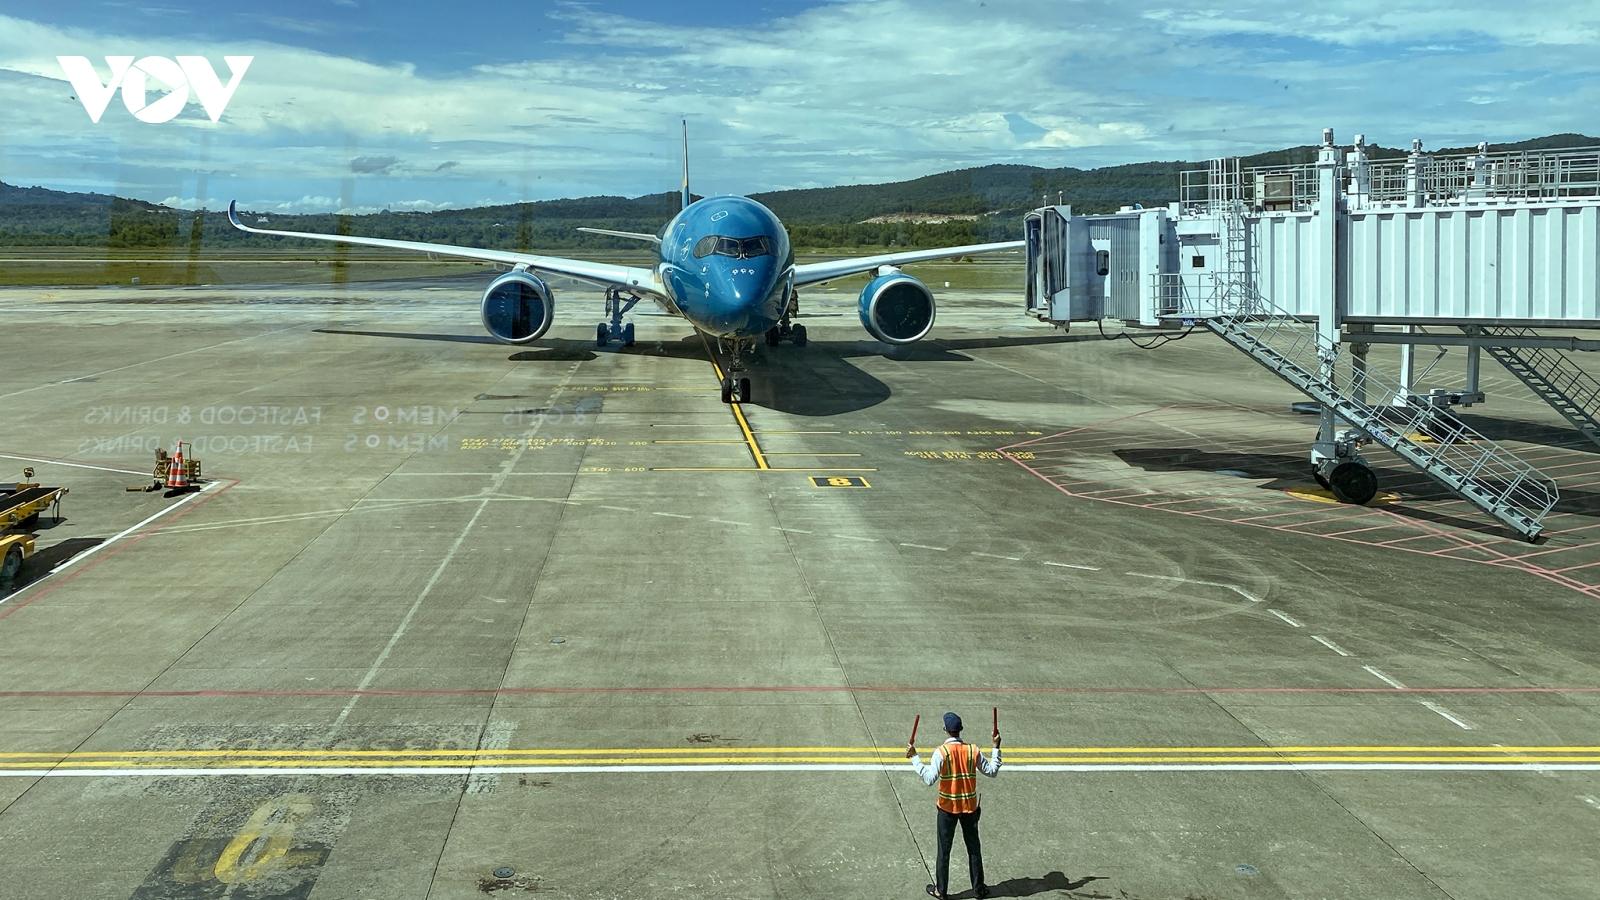 Đón khách quốc tế đến Phú Quốc: Cần quy định rõ mức bảo hiểm Covid-19